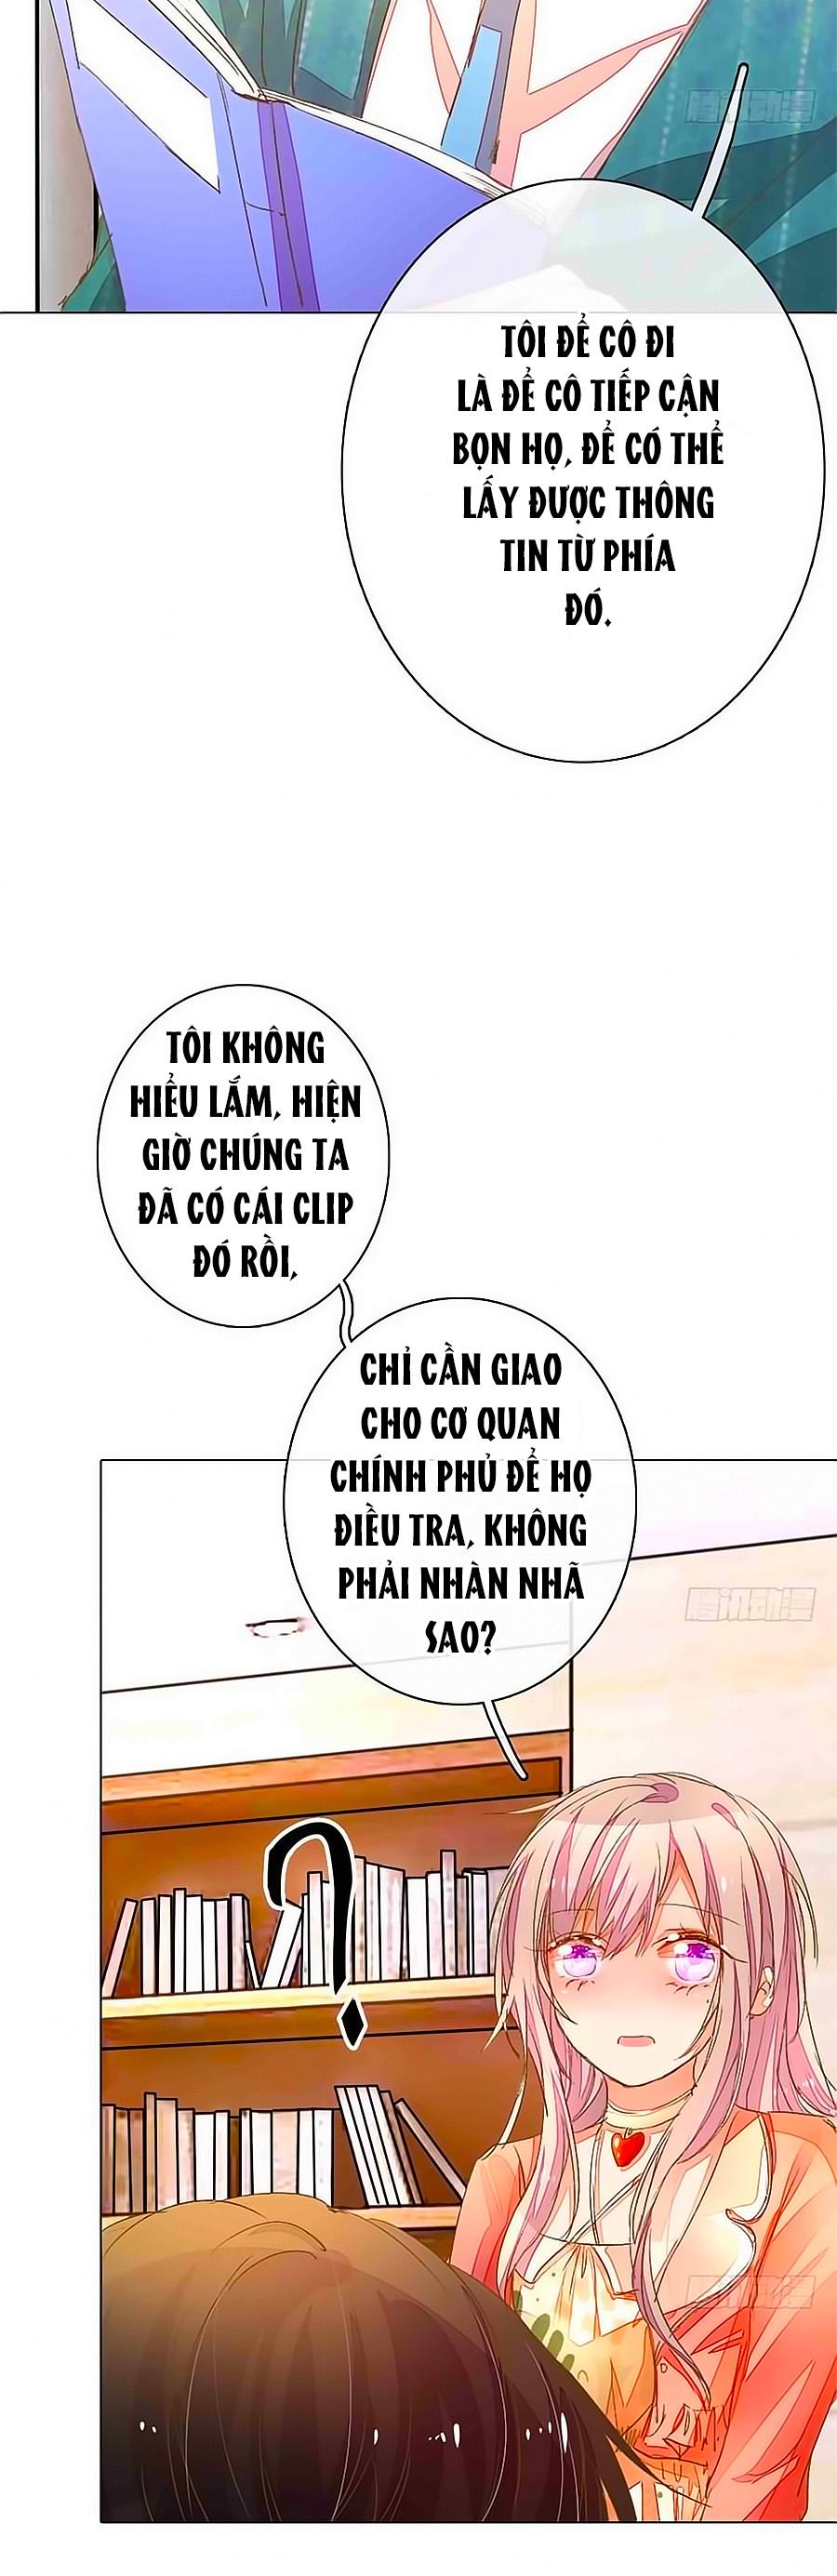 Hào Môn Tiểu Lãn Thê Chap 52 - Trang 6